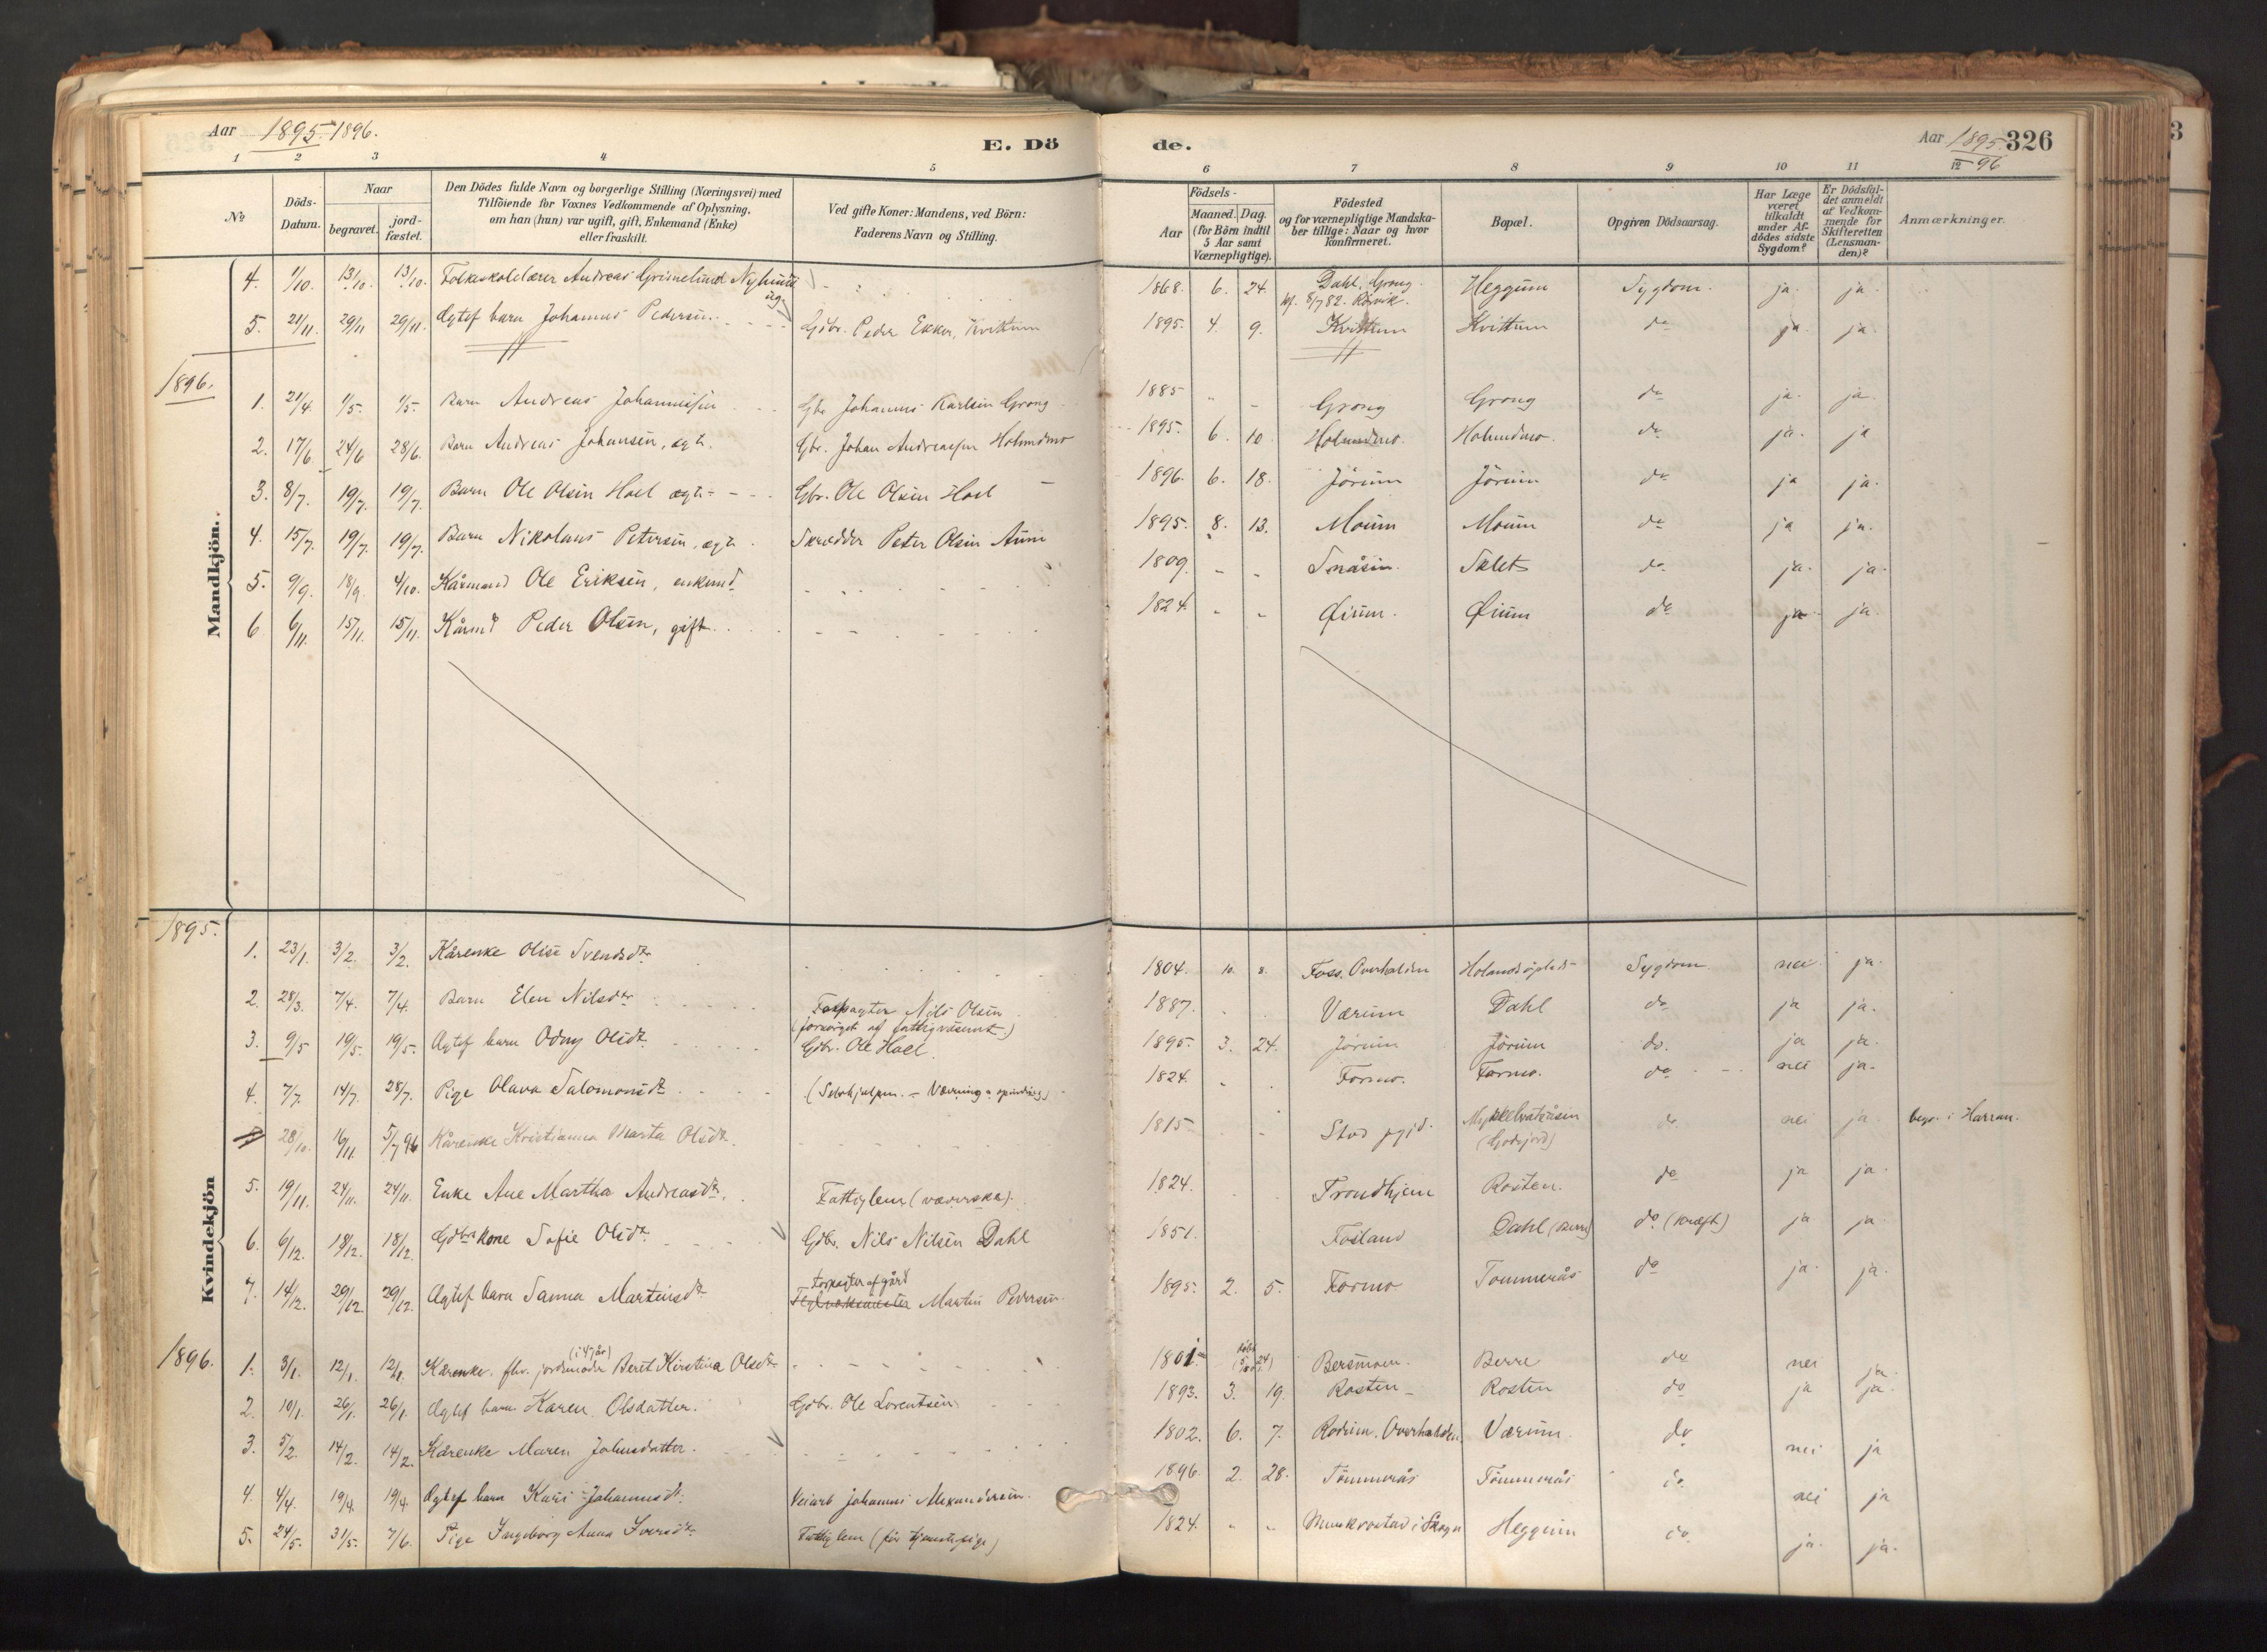 SAT, Ministerialprotokoller, klokkerbøker og fødselsregistre - Nord-Trøndelag, 758/L0519: Ministerialbok nr. 758A04, 1880-1926, s. 326